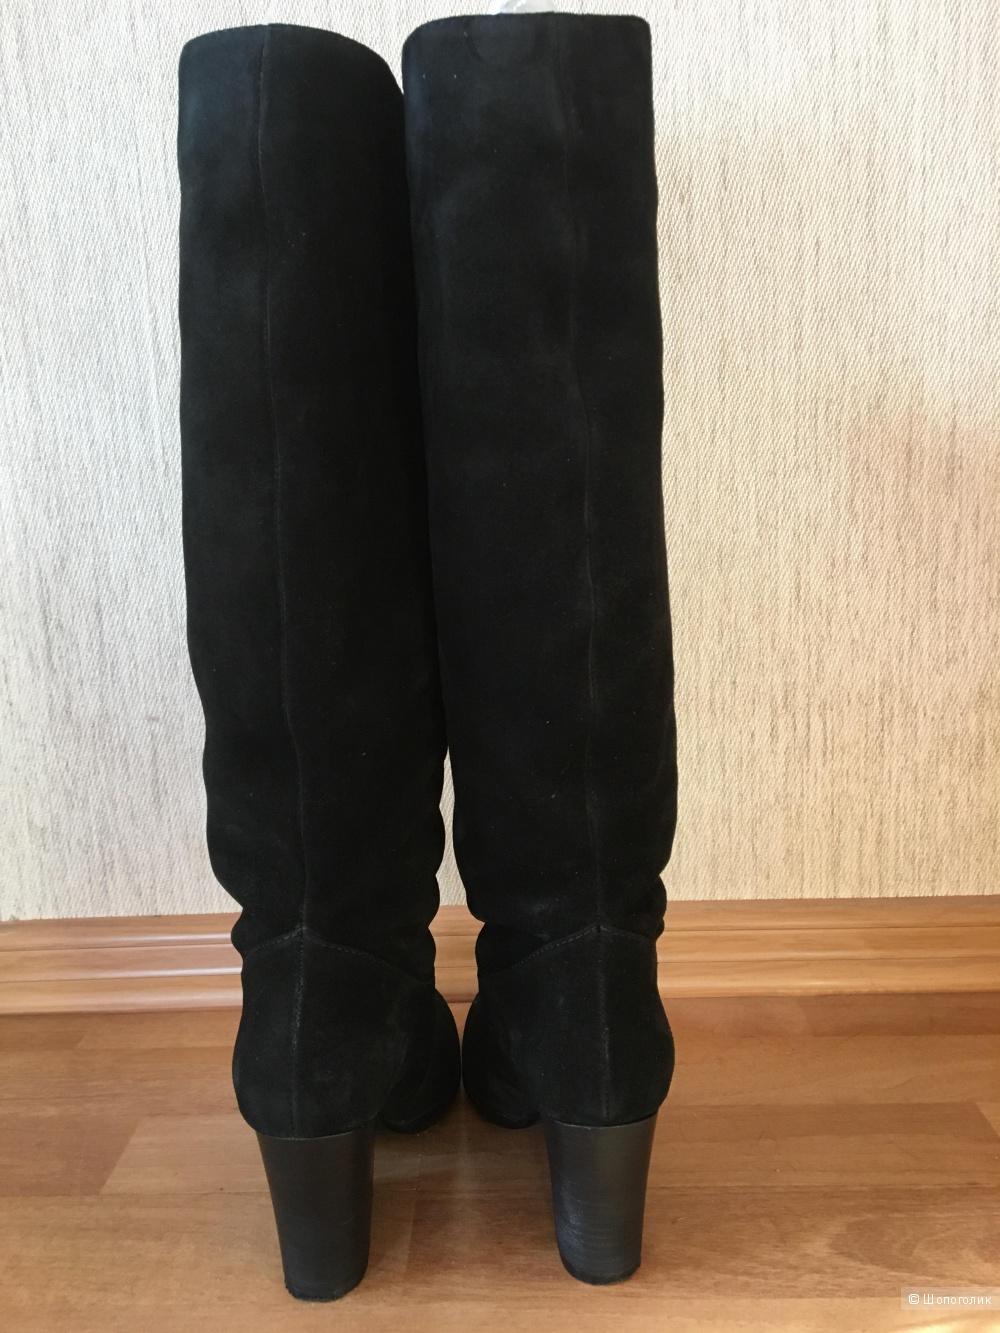 Сапоги демисизонные, замшевые Dakkem, размер 36